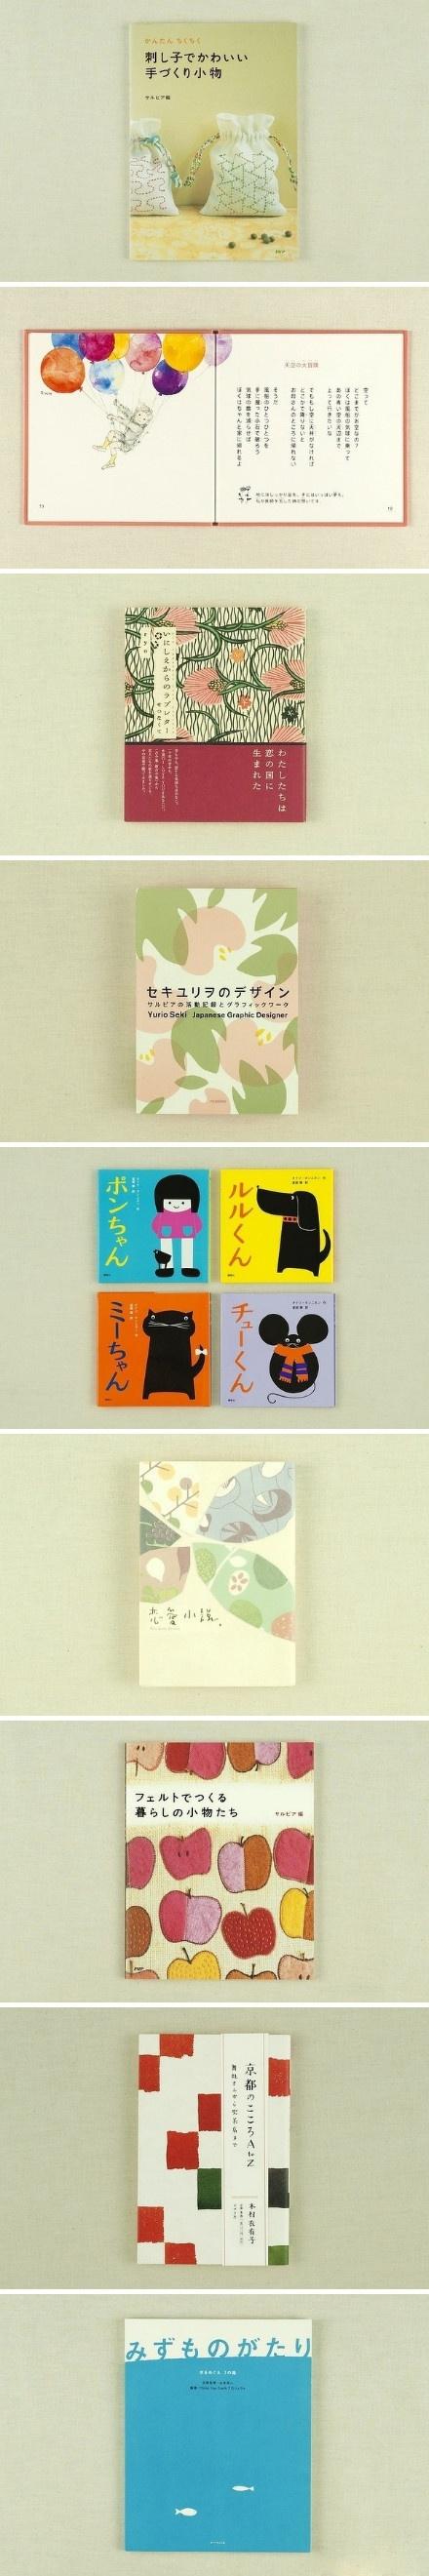 日本清淡和風書籍裝幀